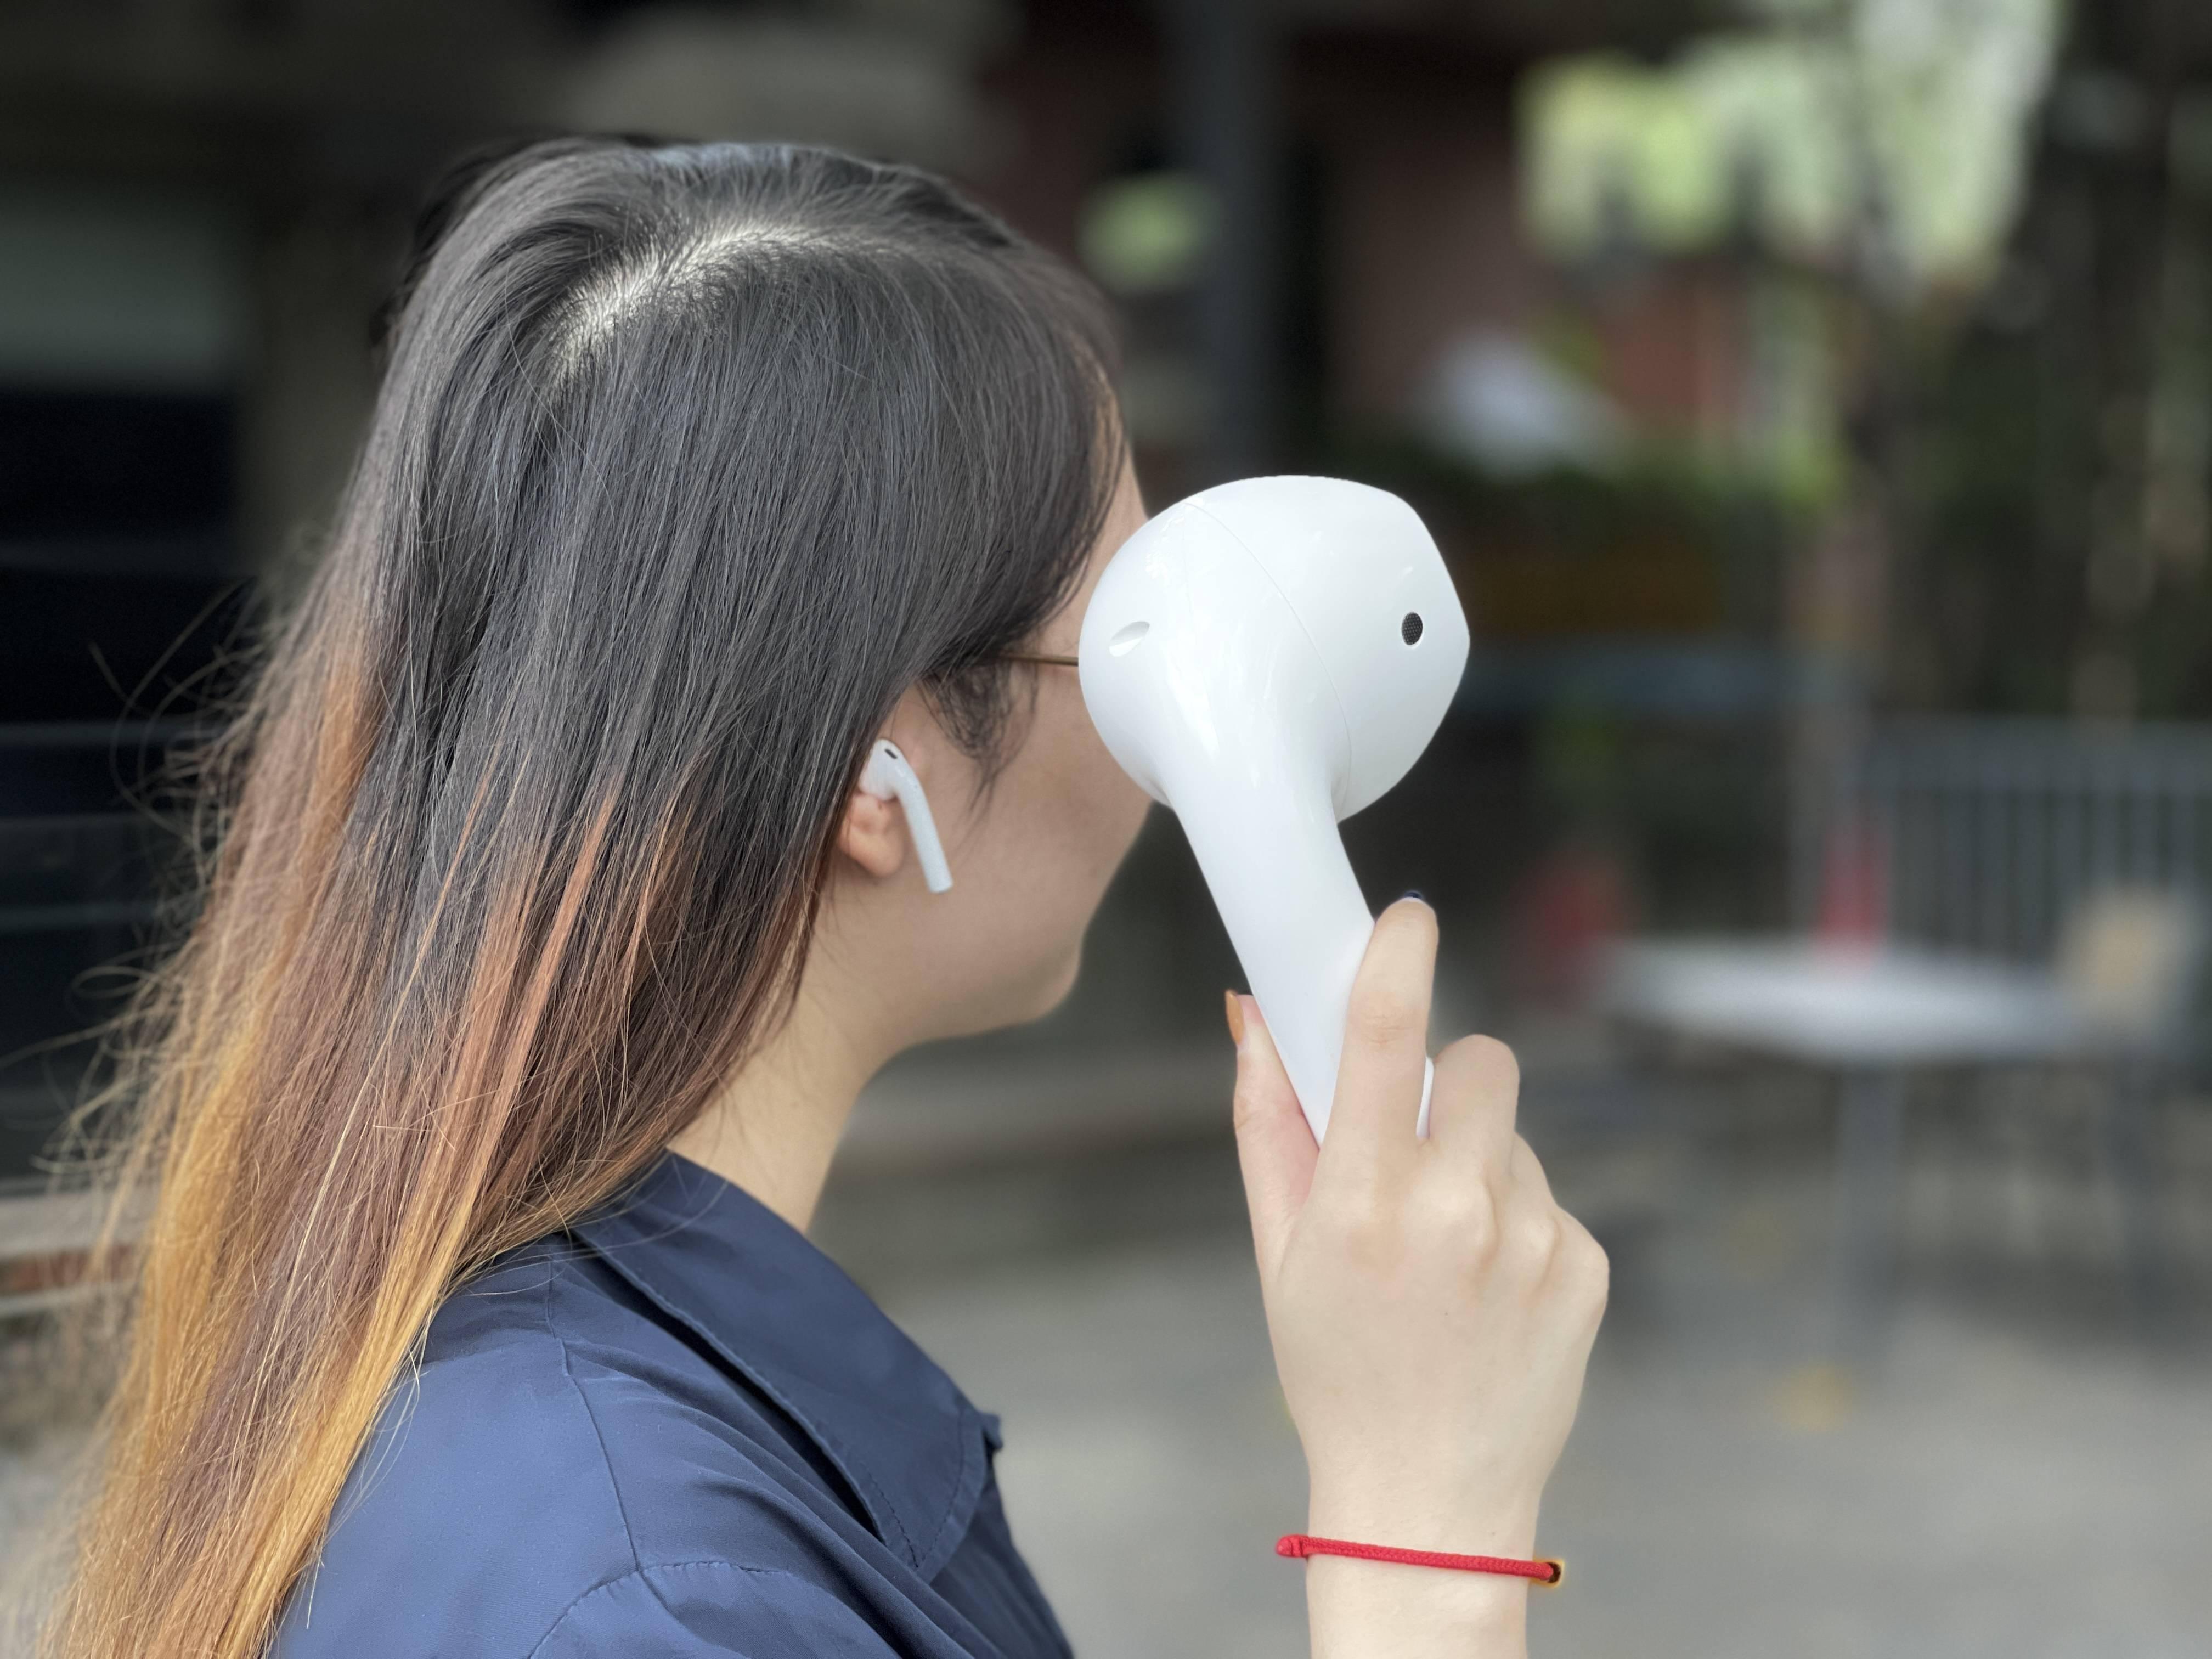 超大 AirPods、9 倍大纸牌、手机投影仪……这些产品不好用但很吸睛